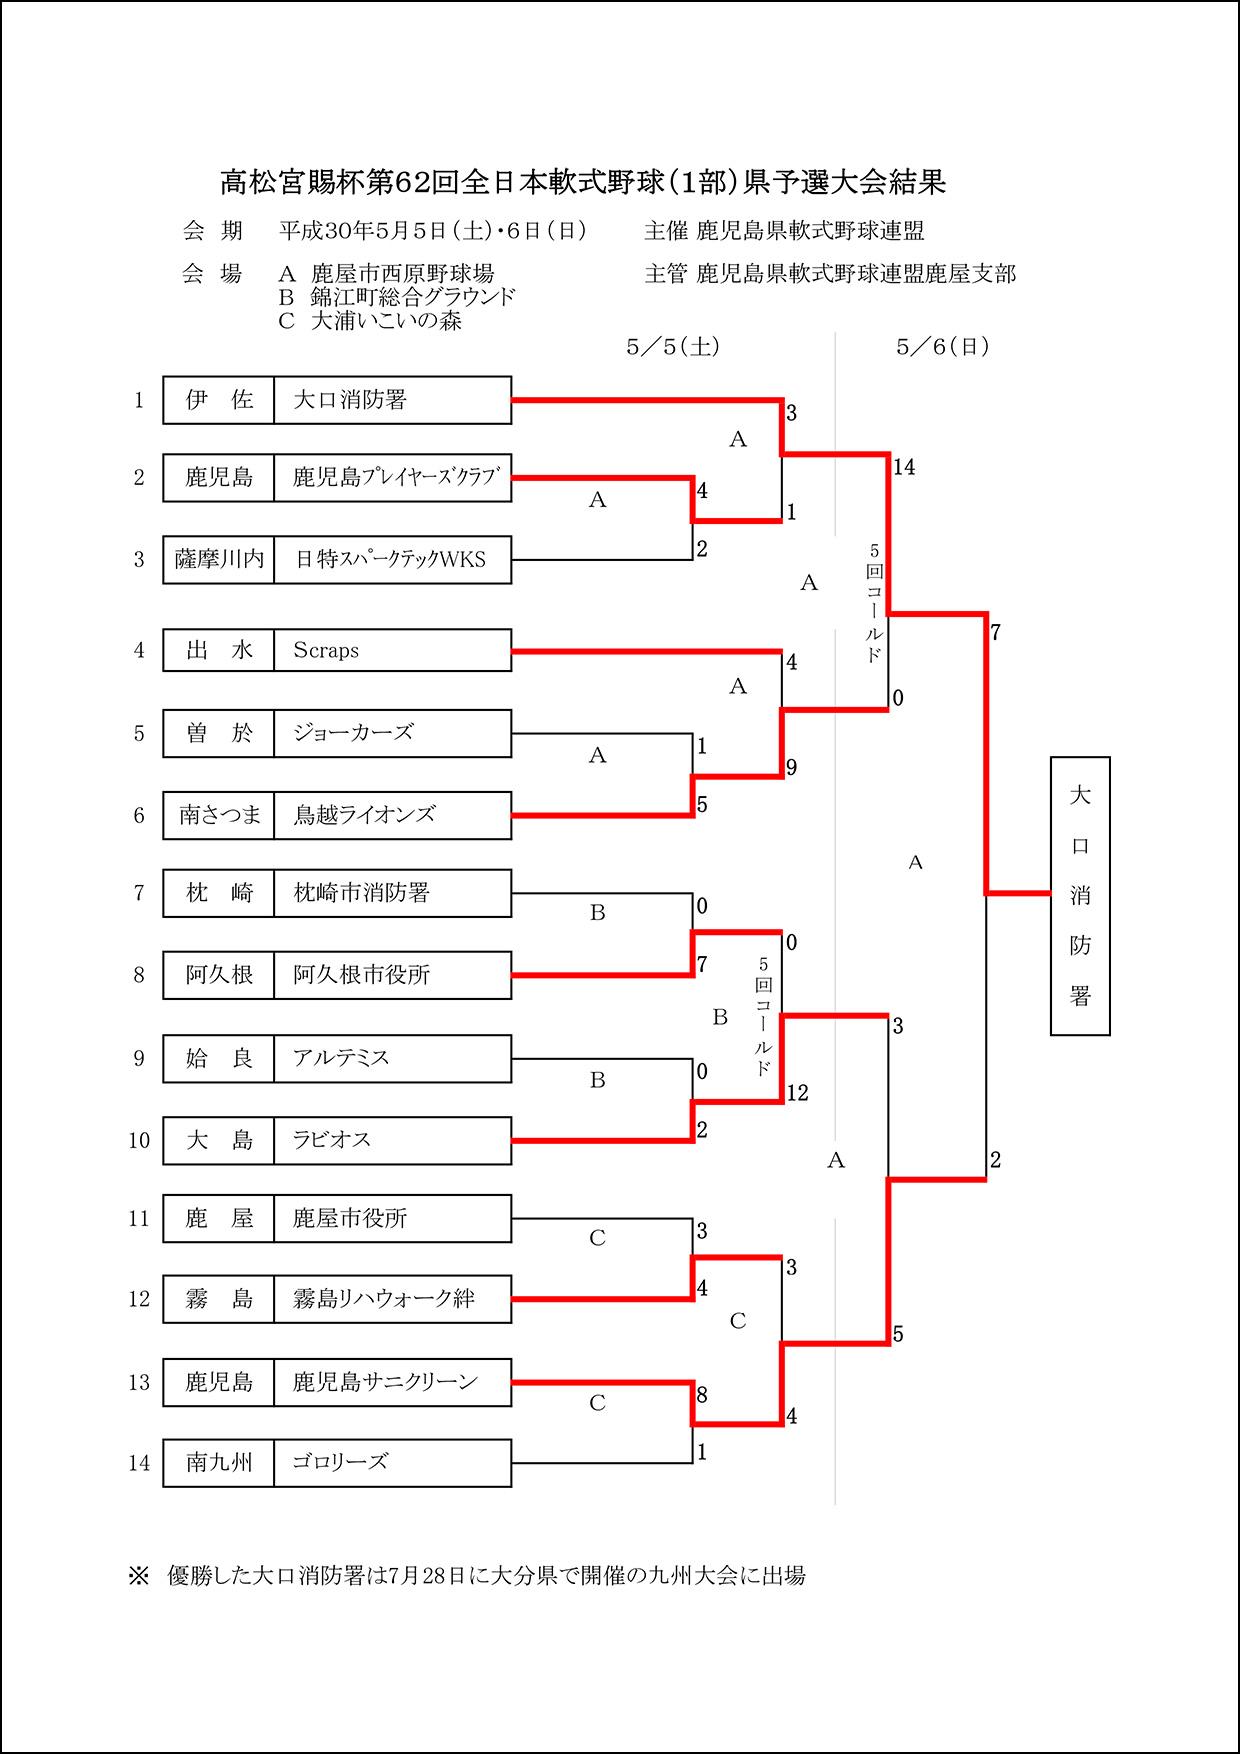 【結果】高松宮賜杯第62回全日本軟式野球(1部)県予選大会